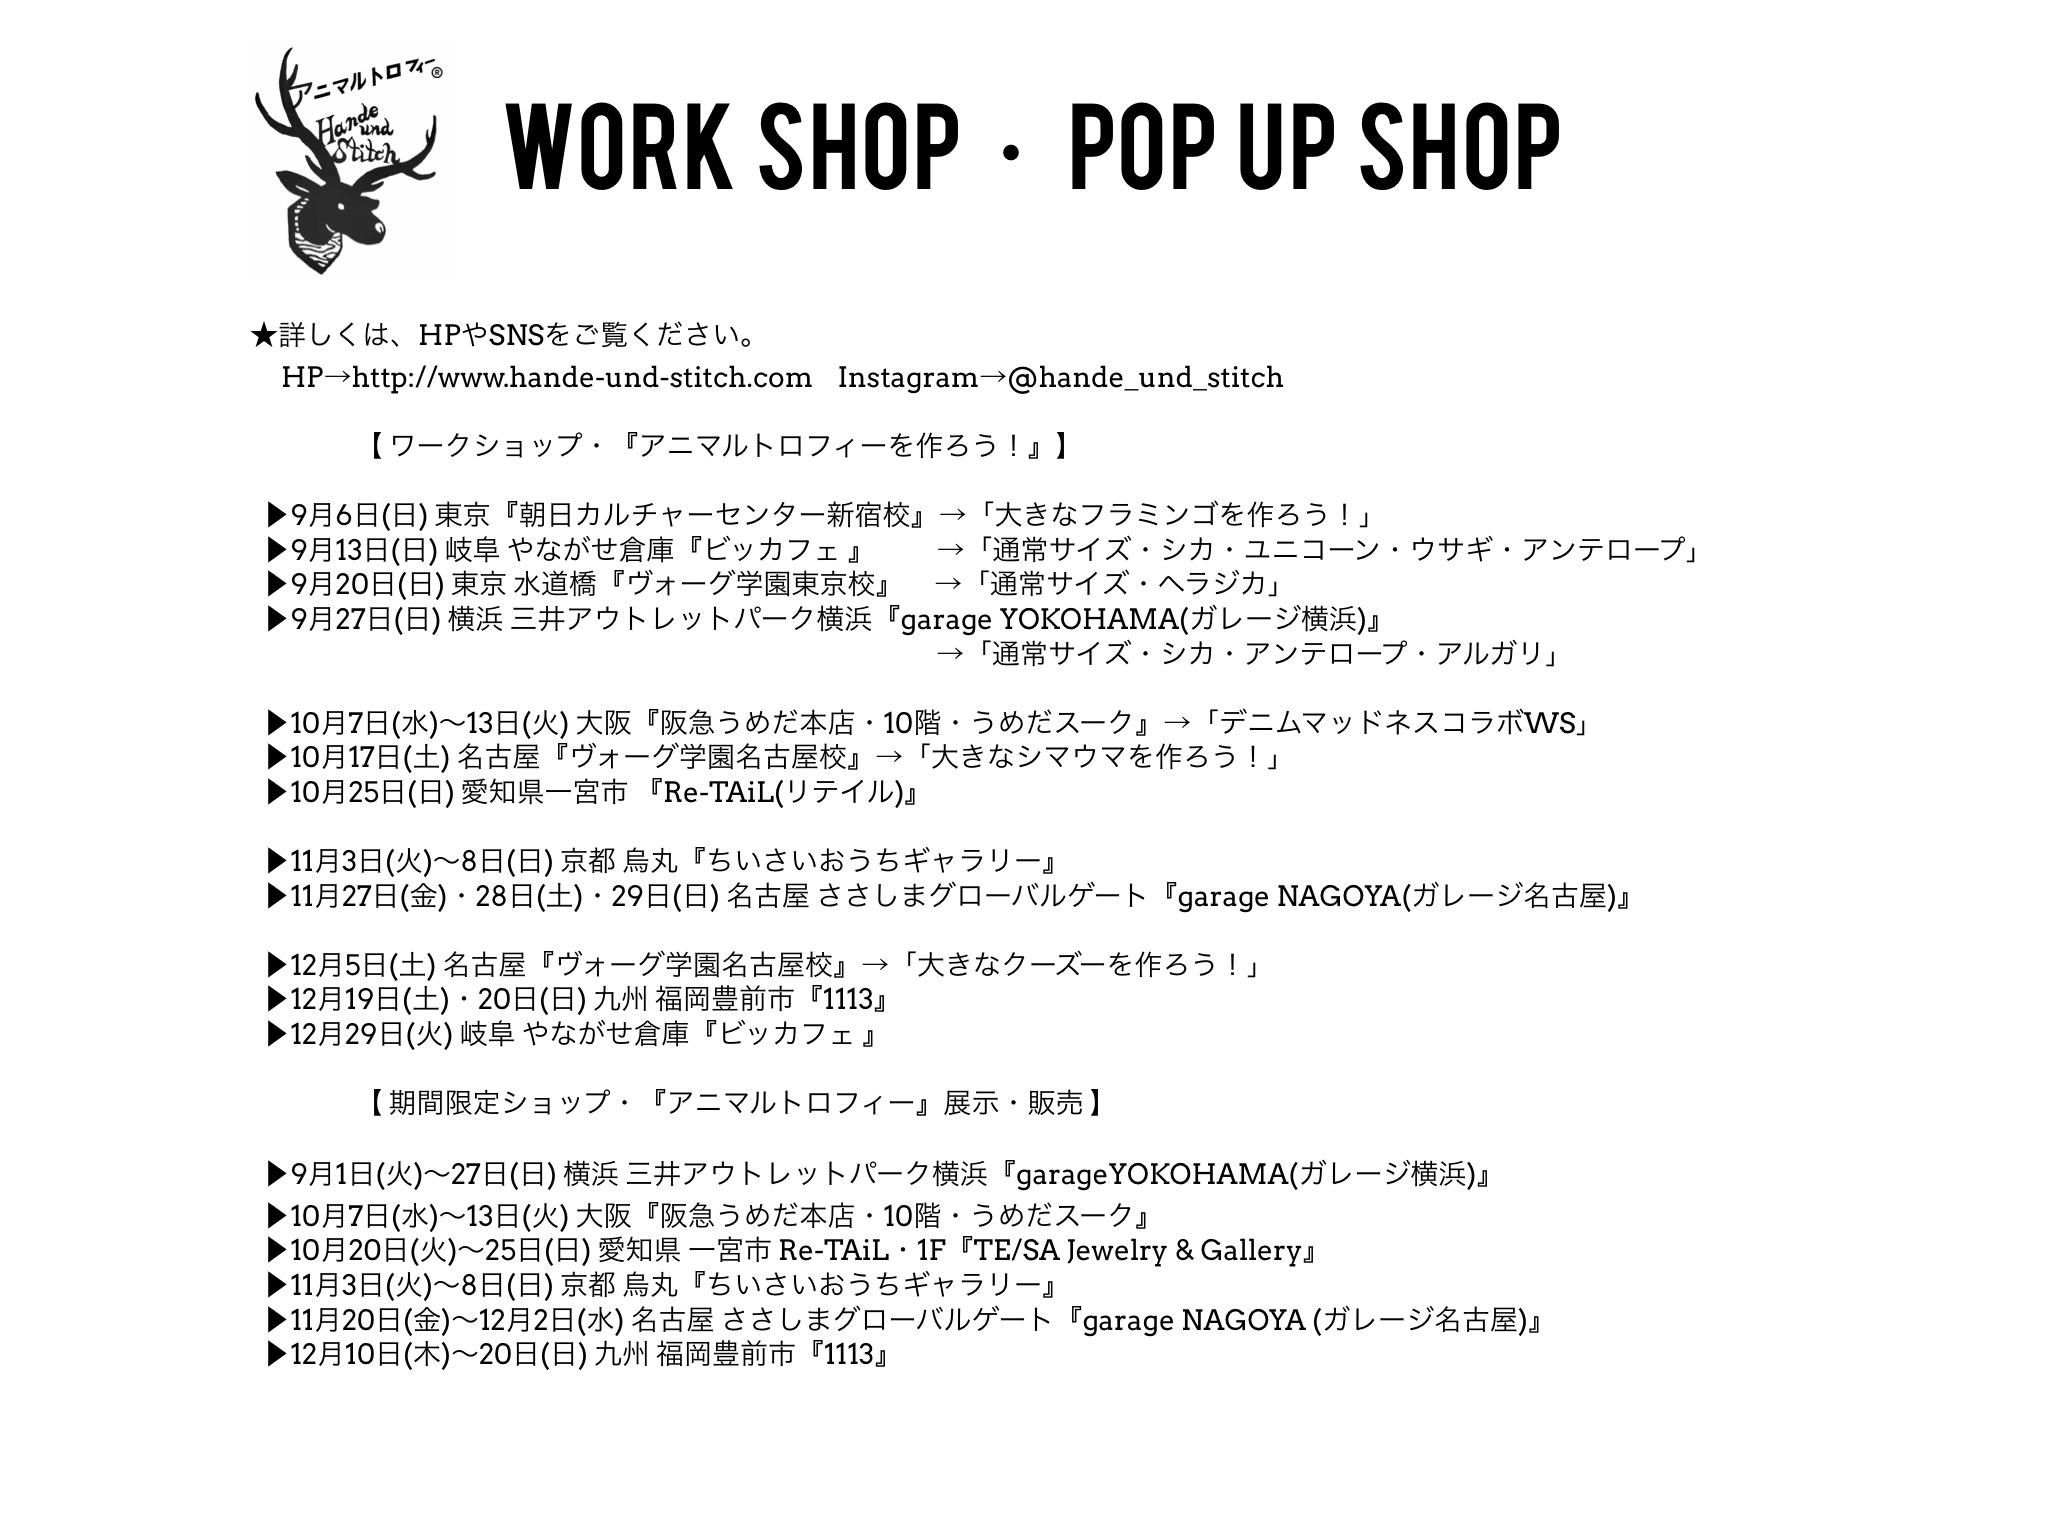 【2020年・WORK SHOP・POP UP SHOP・スケジュール】